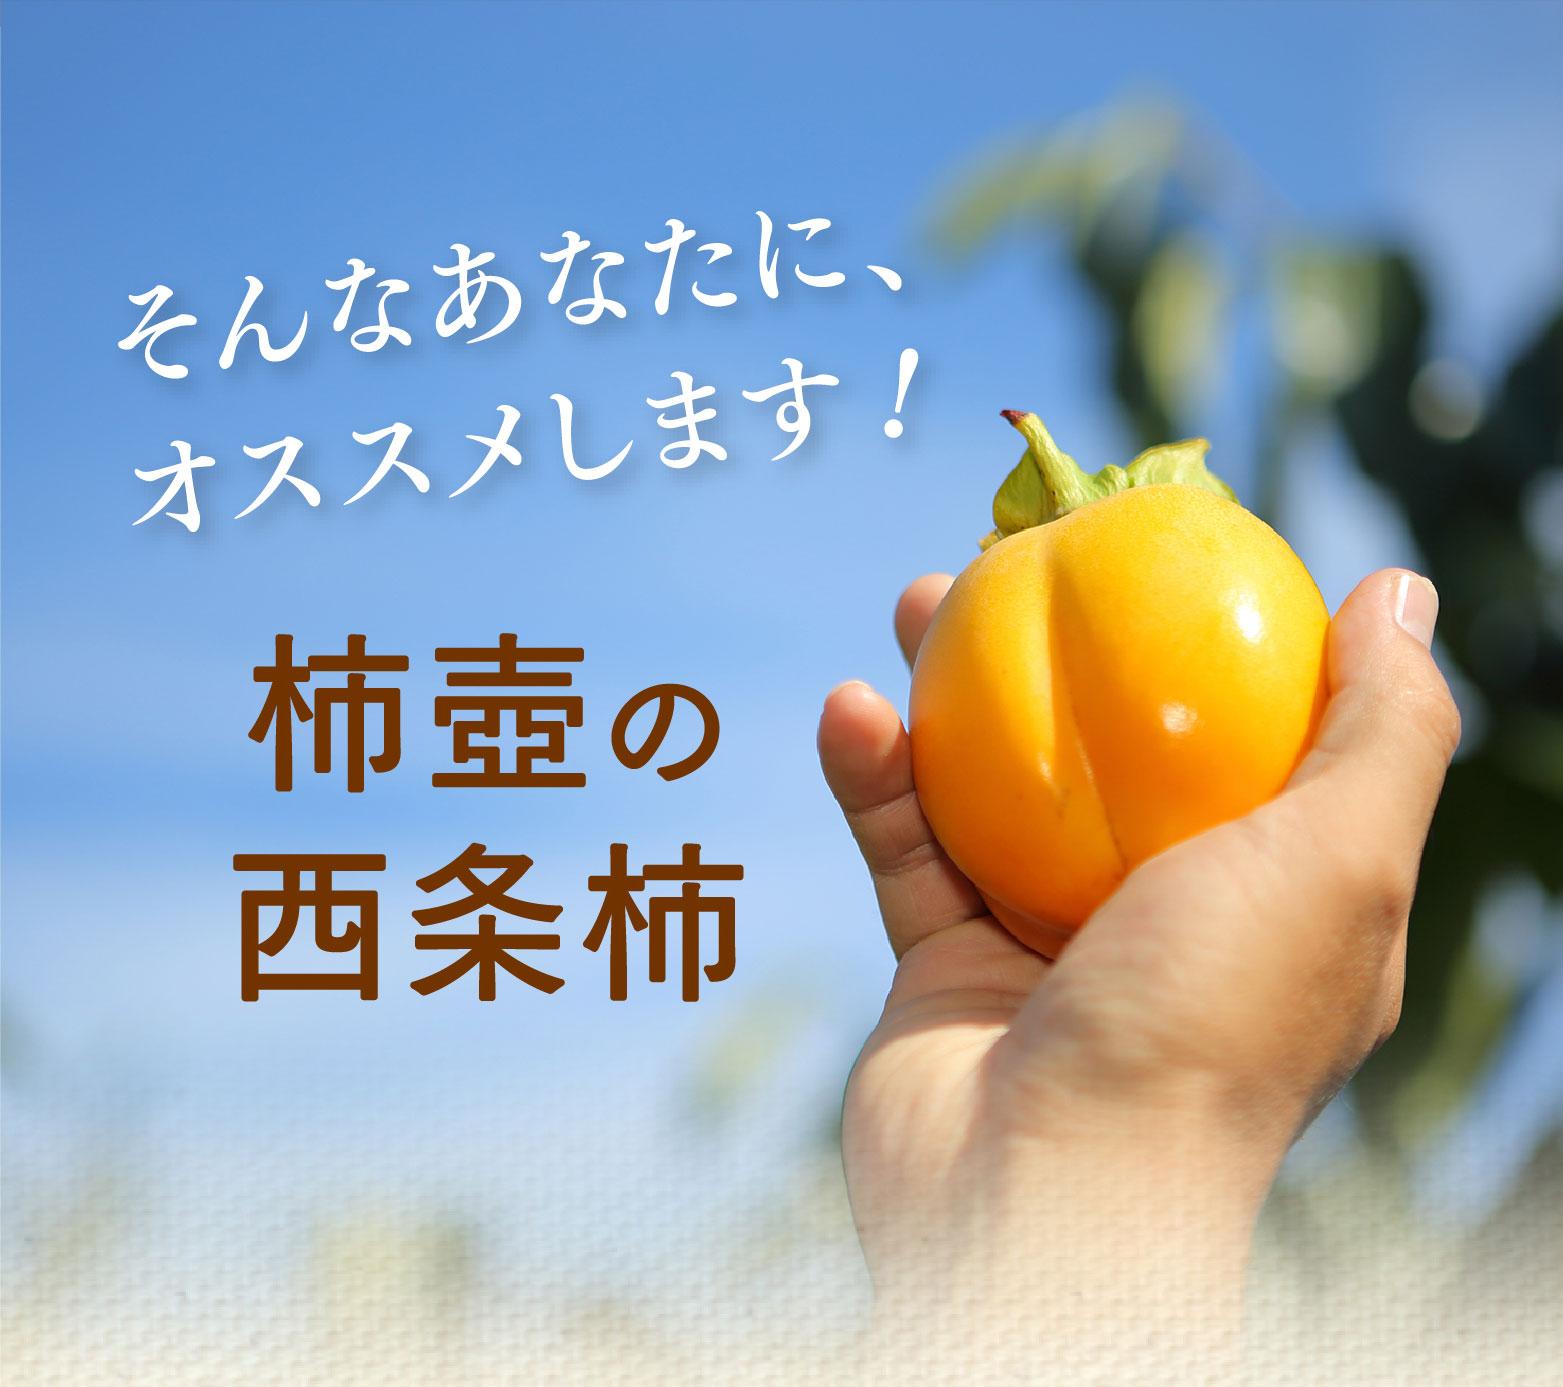 そんなあなたに、オススメします!柿壺の西条柿